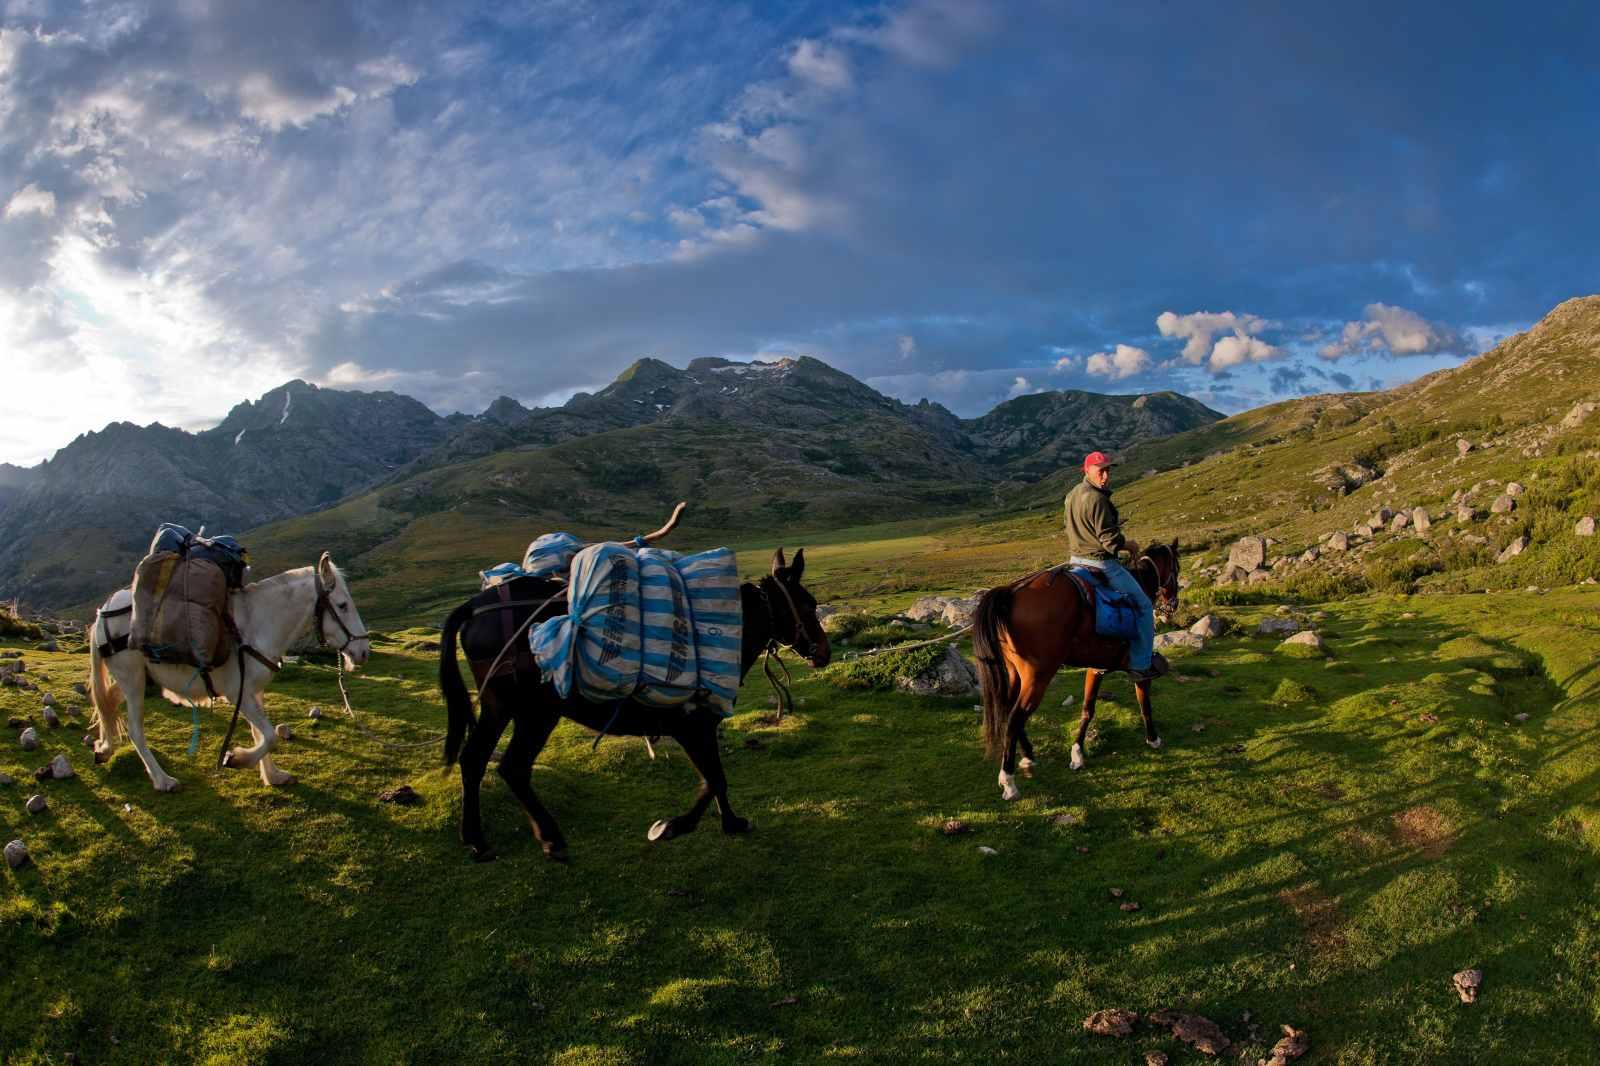 Caballos siguiendo el camino hacia el corral Vaccaghja en el corazón de las montañas de Córcega